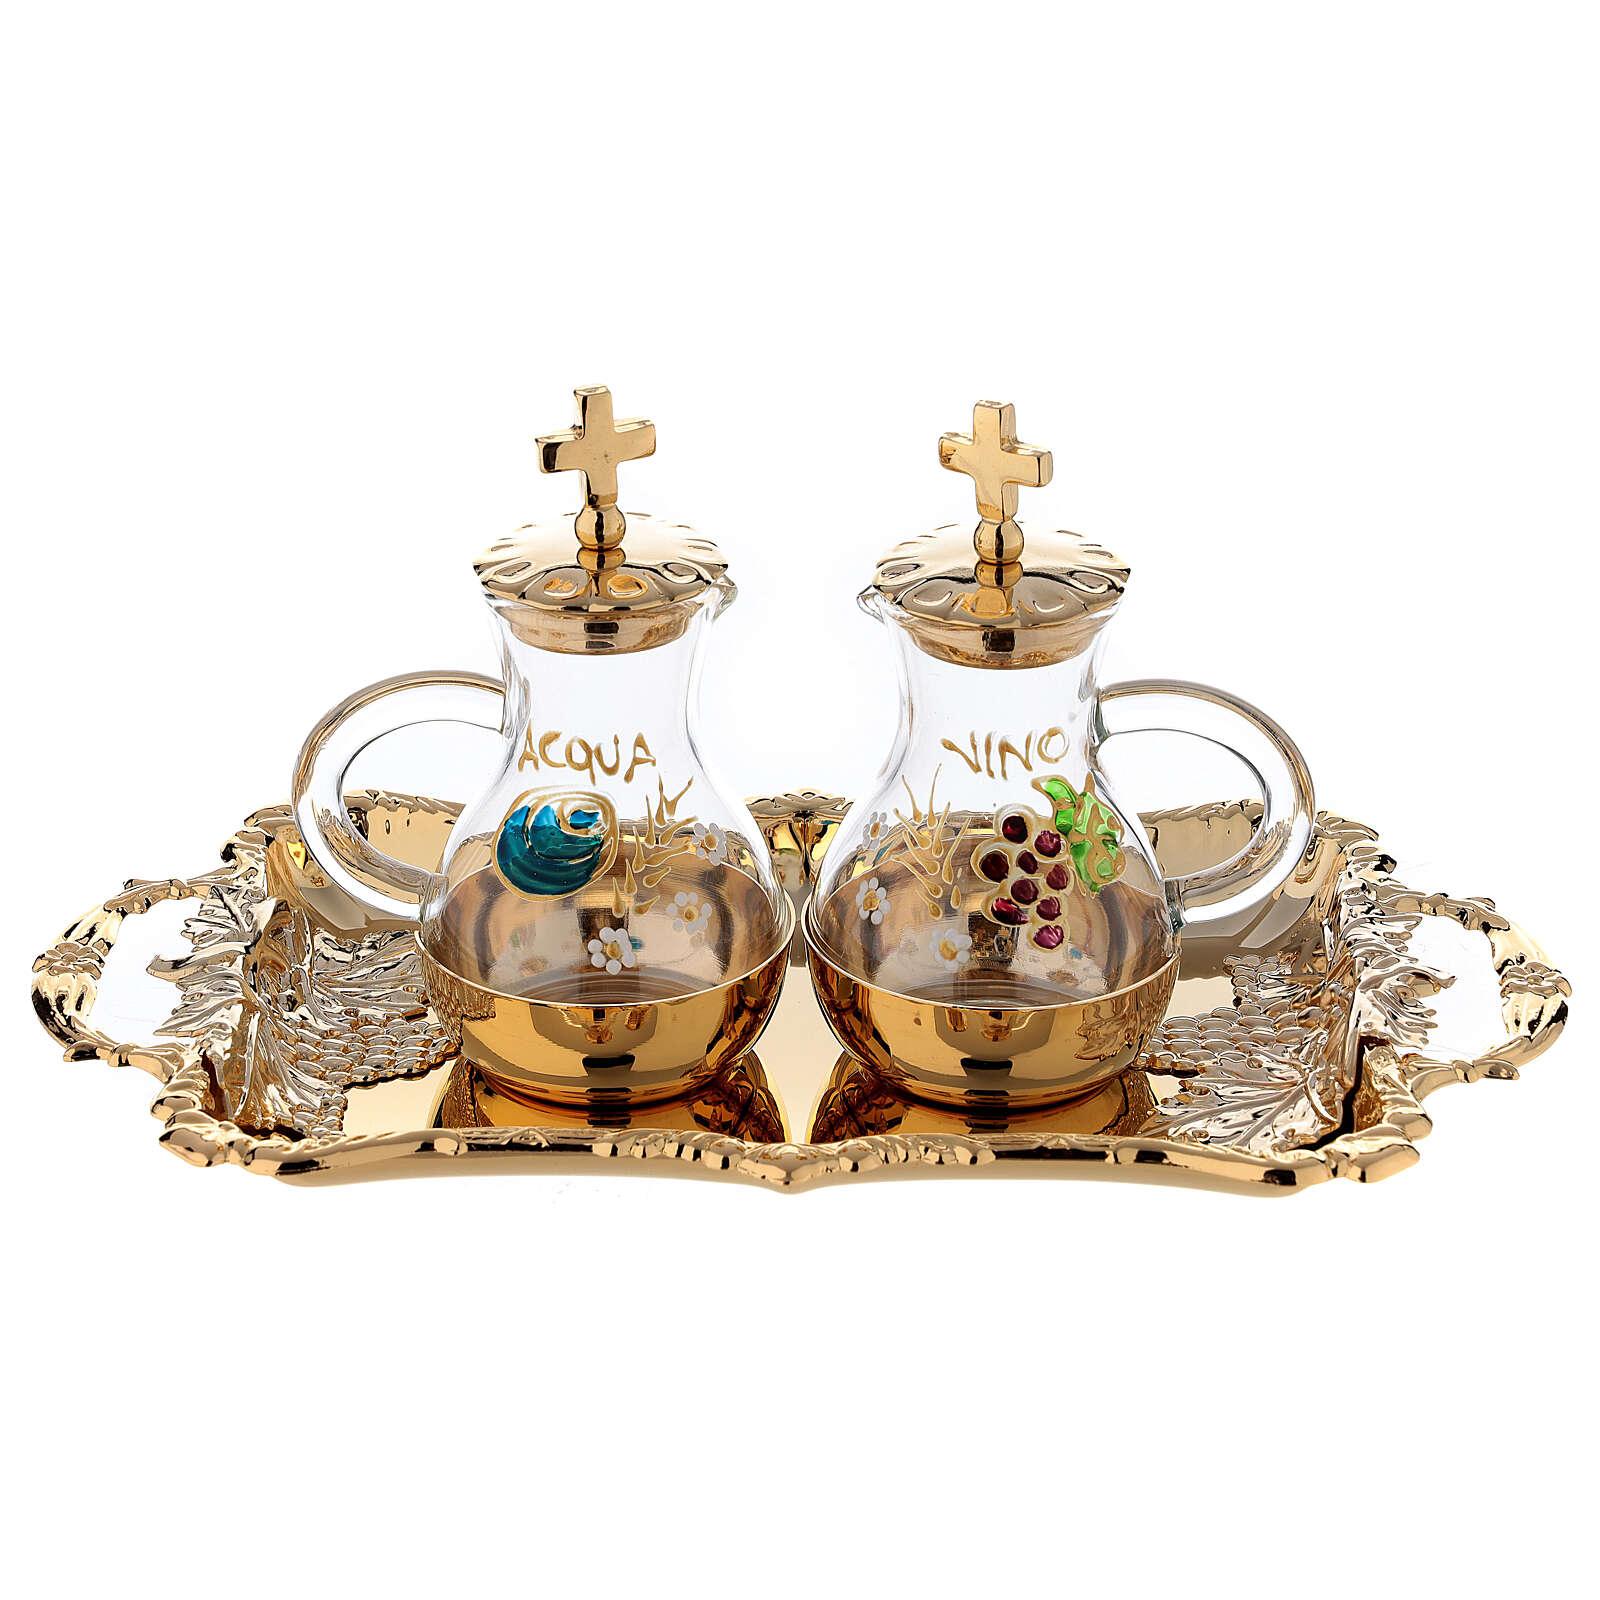 Servizio ampolline acqua e vino in stile barocco 4